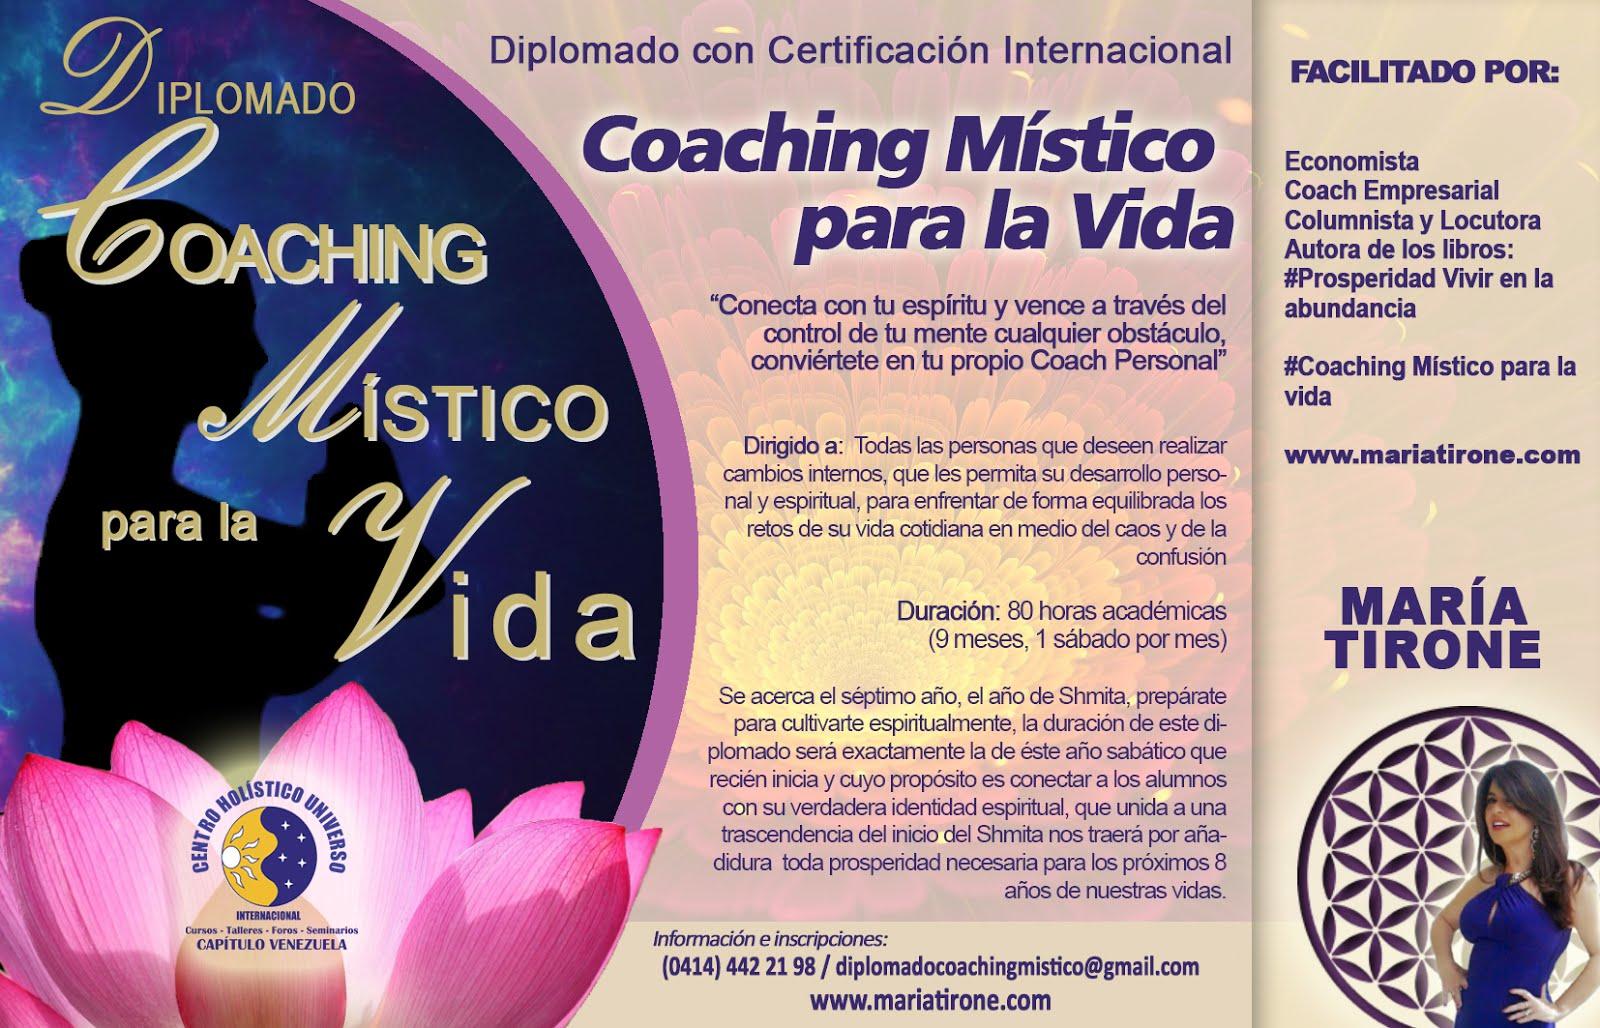 Diplomado Internacional de Coaching Mistico para la Vida Cohorte 2016